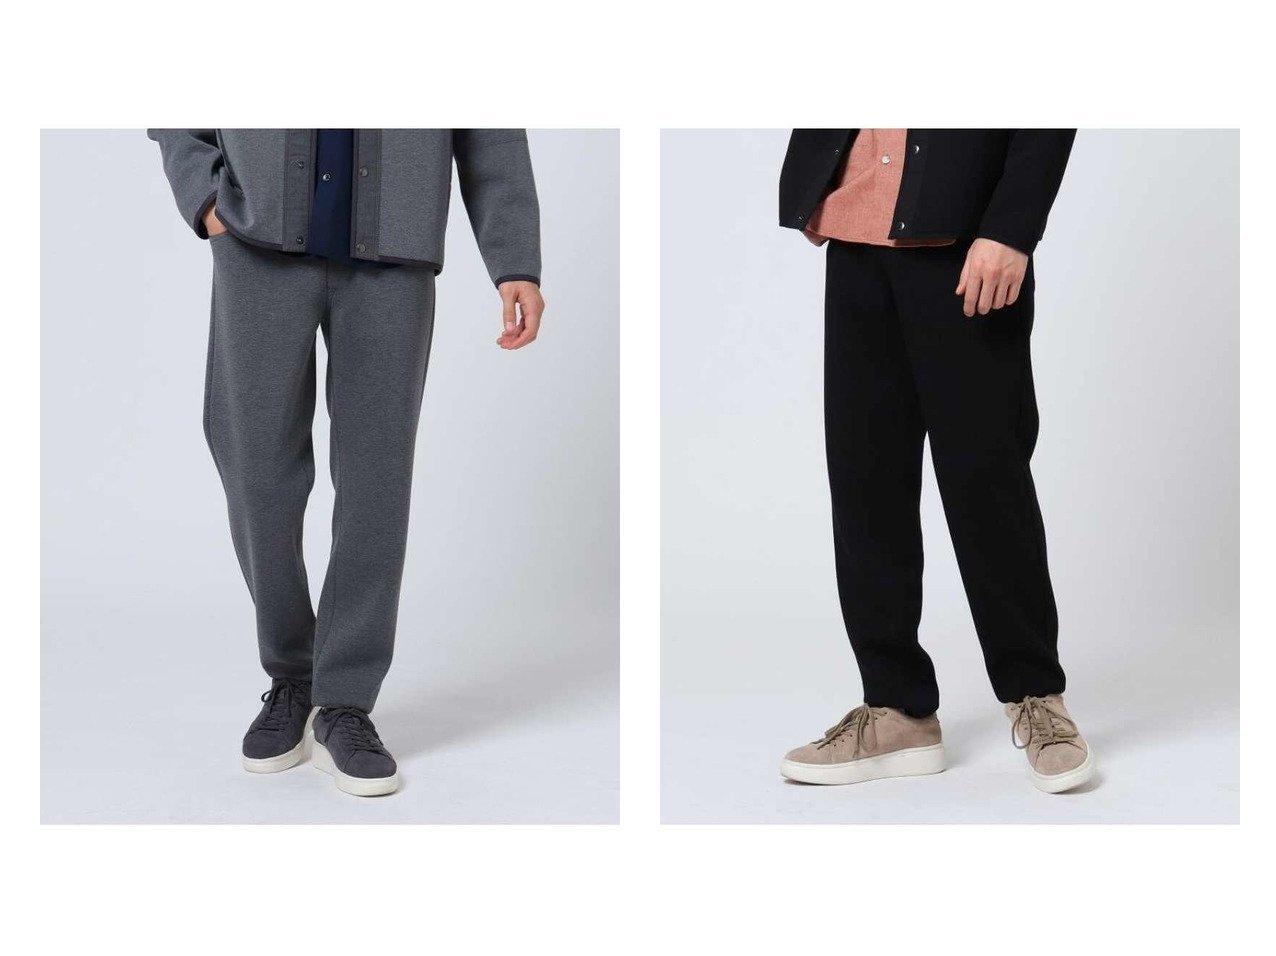 【TAKEO KIKUCHI / MEN/タケオキクチ】のエアダン 5ポケットパンツ 【MEN】男性のおすすめ!人気トレンド・メンズファッションの通販 おすすめで人気のファッション通販商品 インテリア・家具・キッズファッション・メンズファッション・レディースファッション・服の通販 founy(ファニー) https://founy.com/ ファッション Fashion メンズ MEN ボトムス Bottoms Men ジーンズ ポケット |ID:crp329100000006680